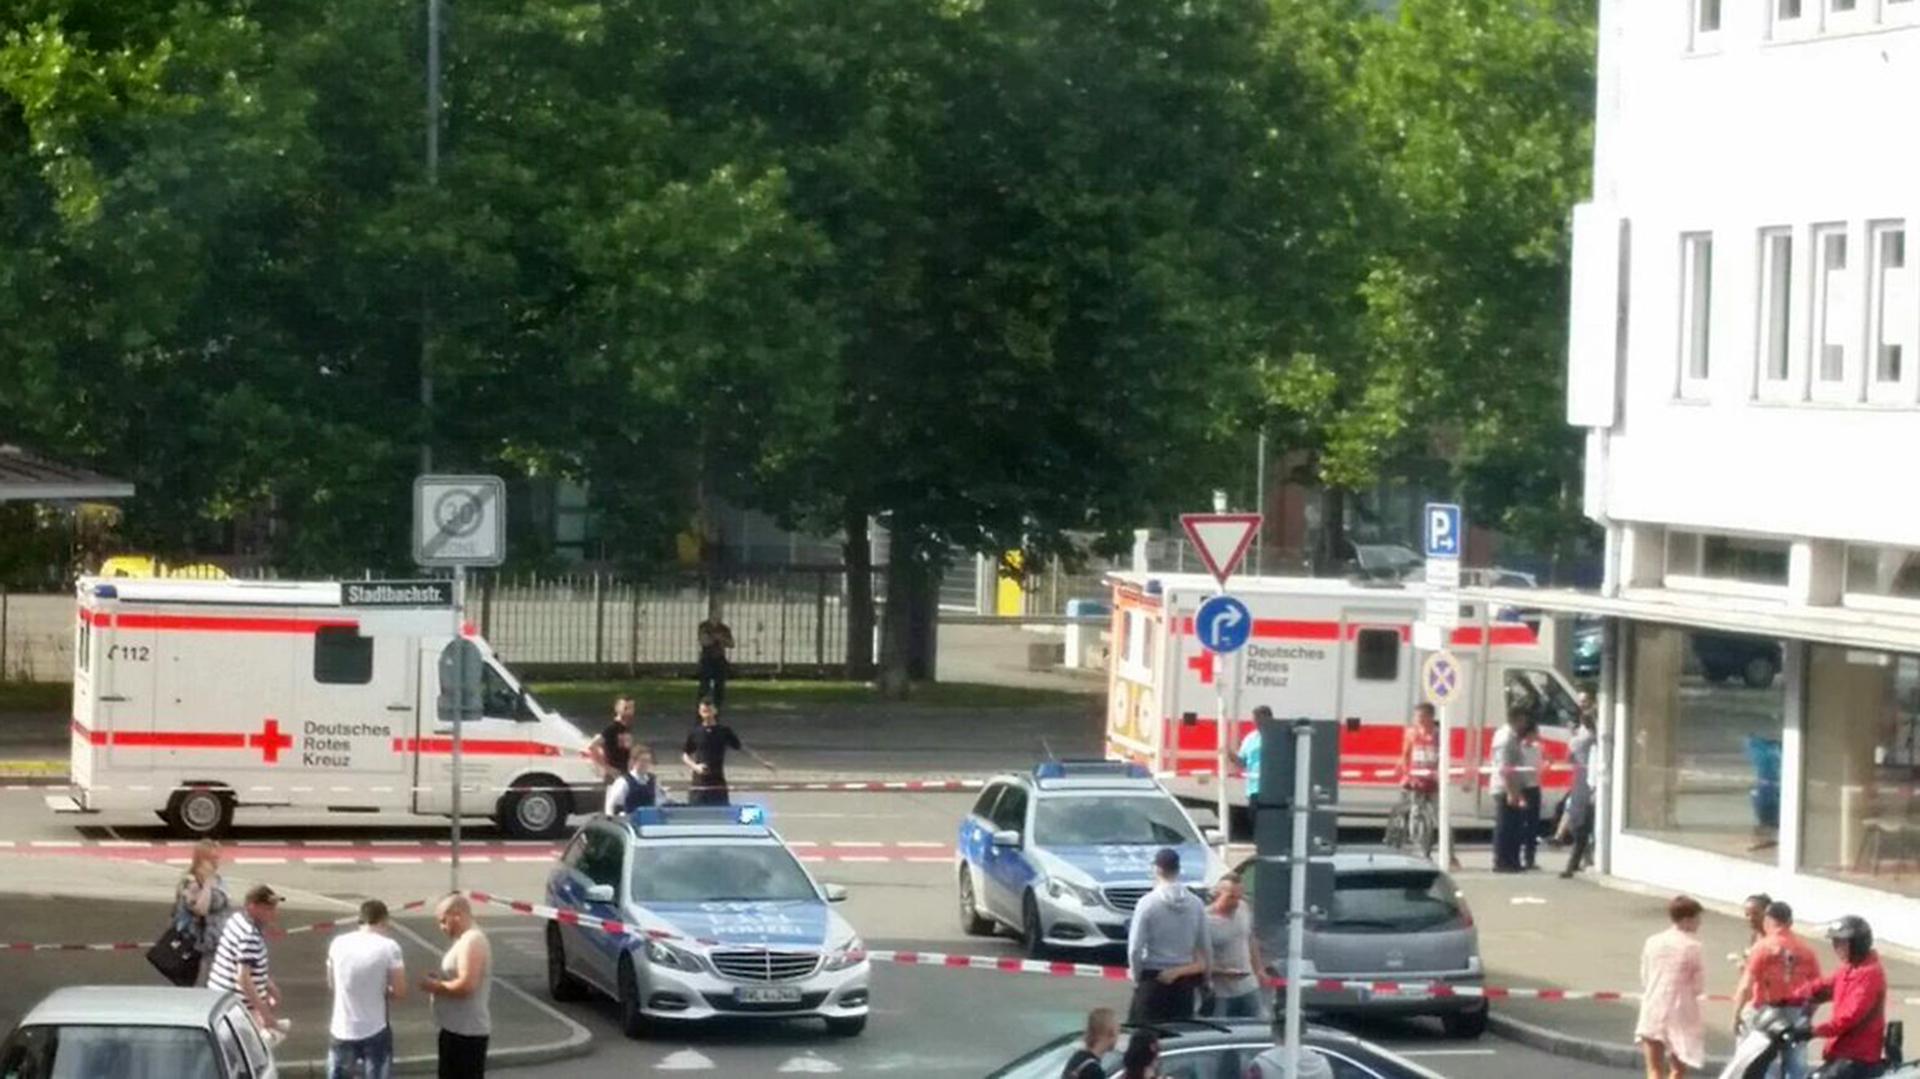 Un ataque con un machete fue registrado en la ciudad de Reutlingen (@UKPegida)